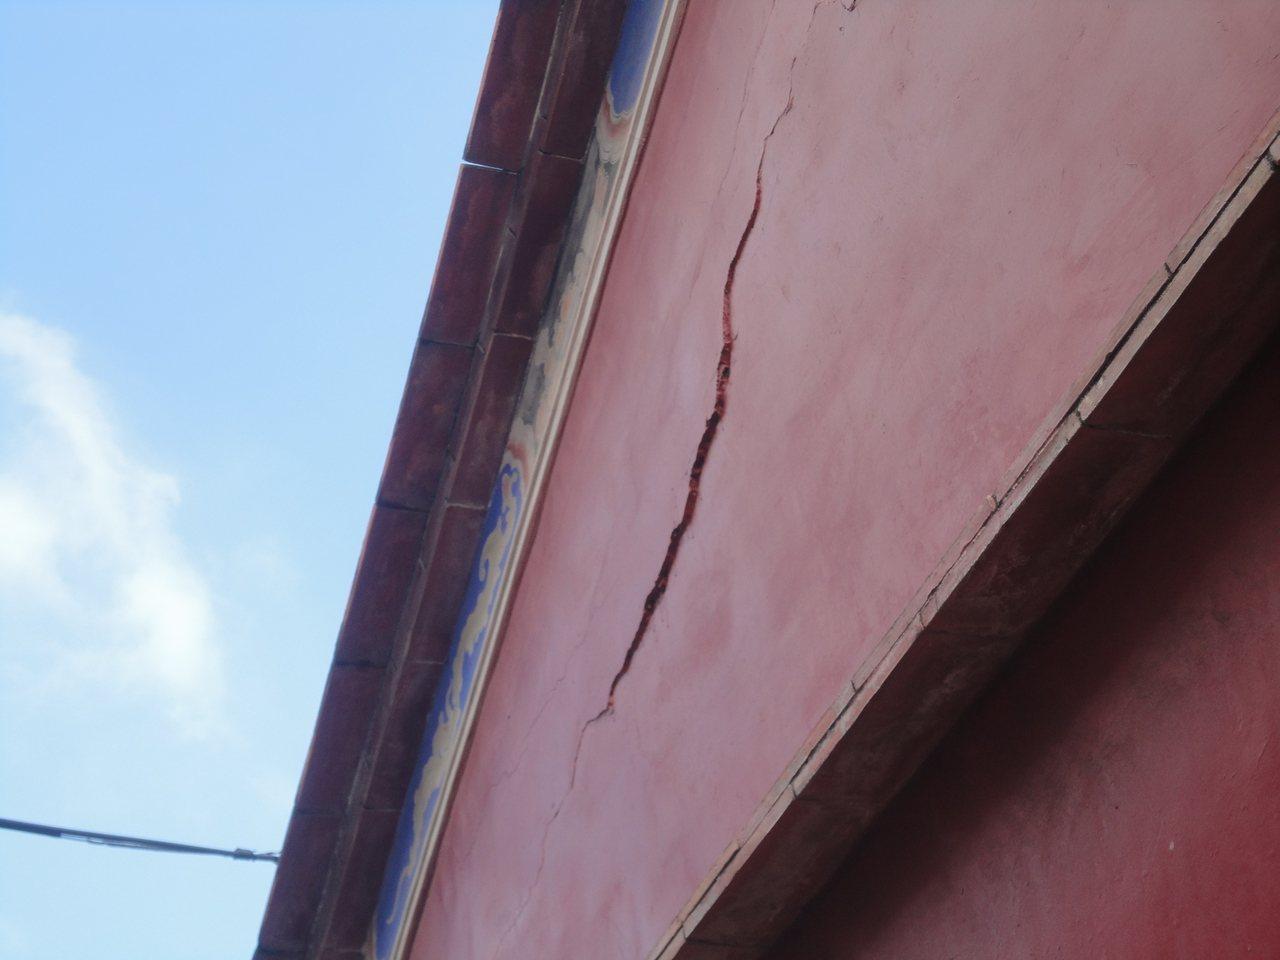 彰化縣鹿港地藏王廟的牆壁裂痕凸出約1公分。記者簡慧珍/攝影